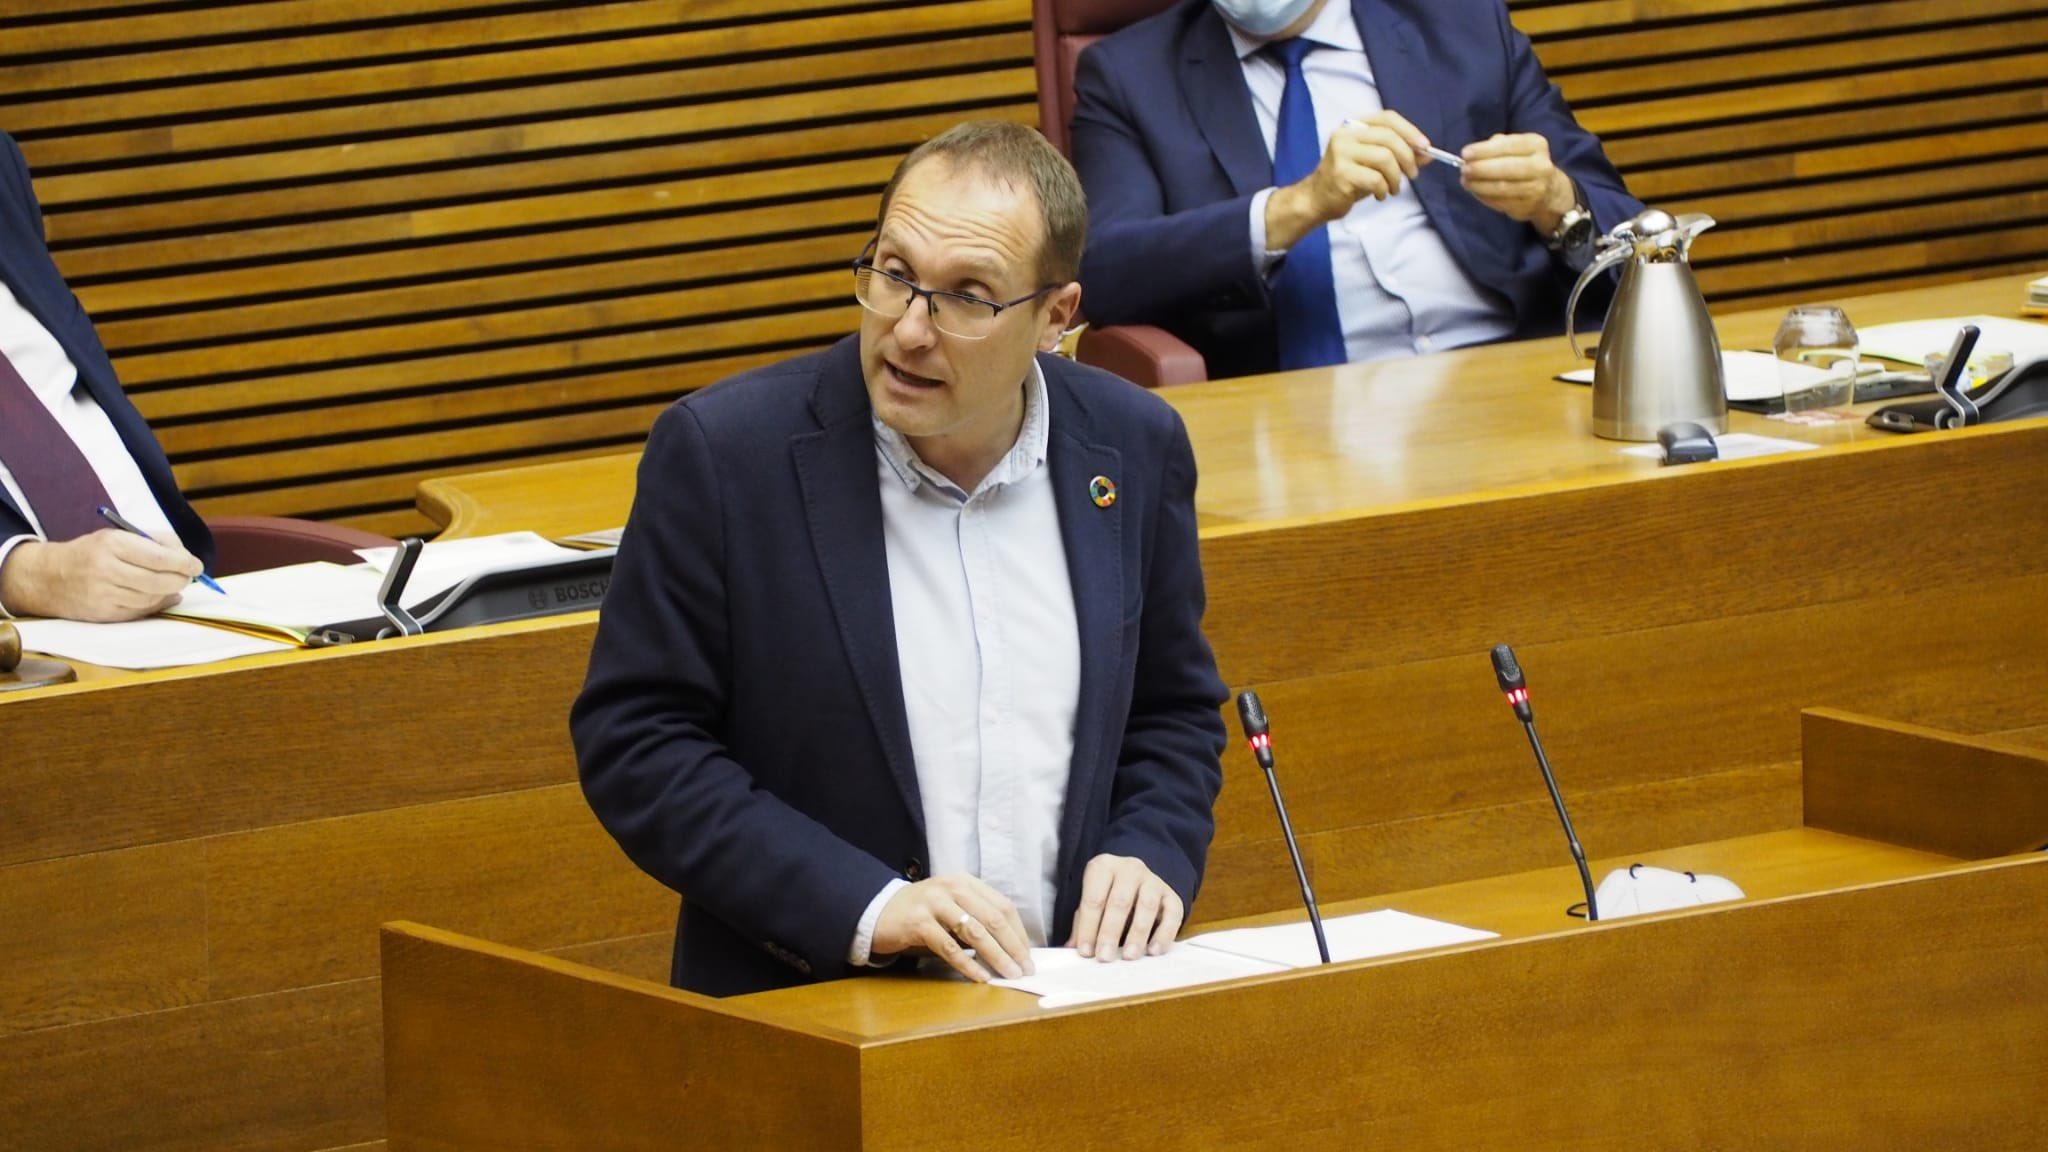 Blanch destaca que la prioridad del PSPV-PSOE en 2020 ha sido combatir la pandemia de forma coordinada desde los distintas instituciones